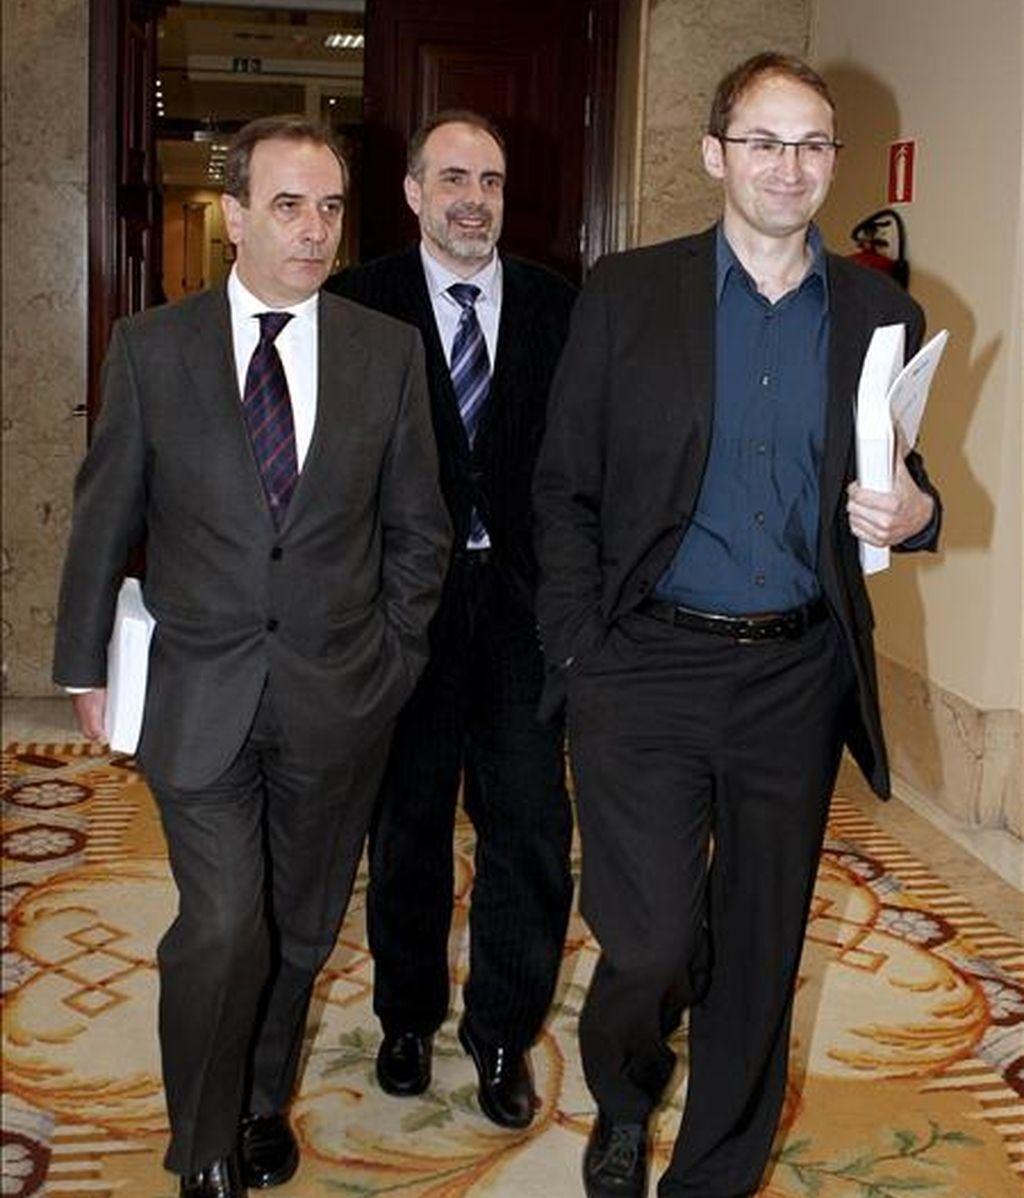 El portavoz del grupo socialista, José Antonio Alonso (i), junto al de ICV en el Congreso, Joan Herrera (d), y al secretario general de ERC, Joan Ridao, a su llegada a la reunión de la Junta de Portavoces en la Cámara Baja. EFE